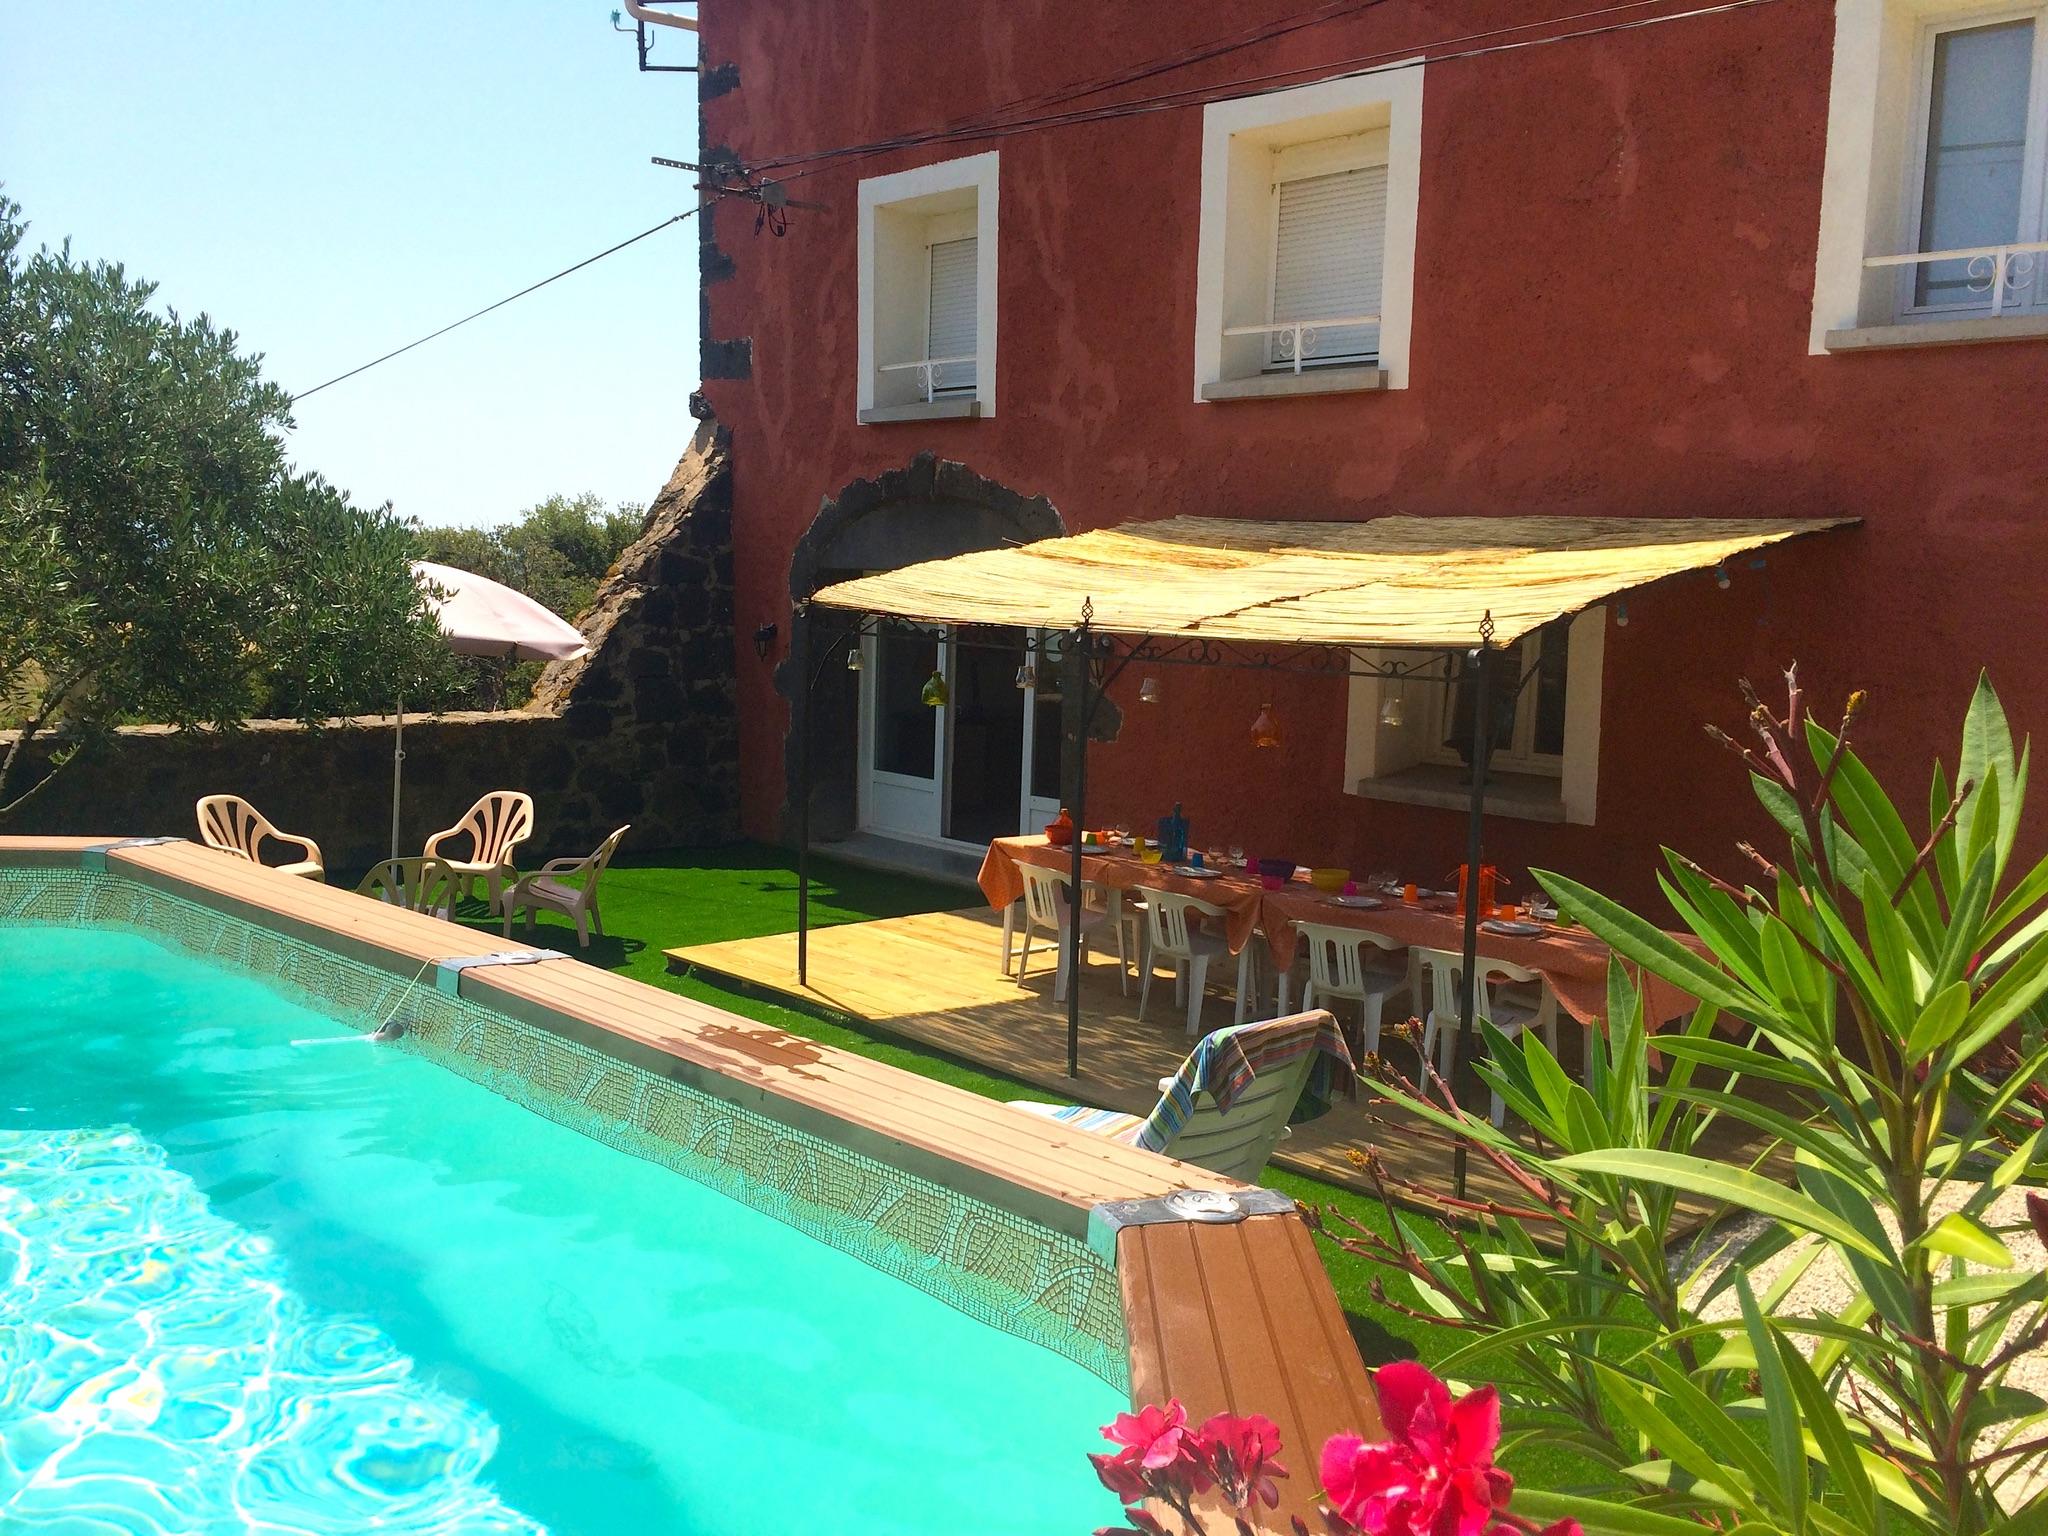 Ferienhaus Bauernhaus in der Languedoc-Roussillon mit Pool und üppigem Garten (2201002), Portiragnes, Mittelmeerküste Hérault, Languedoc-Roussillon, Frankreich, Bild 2